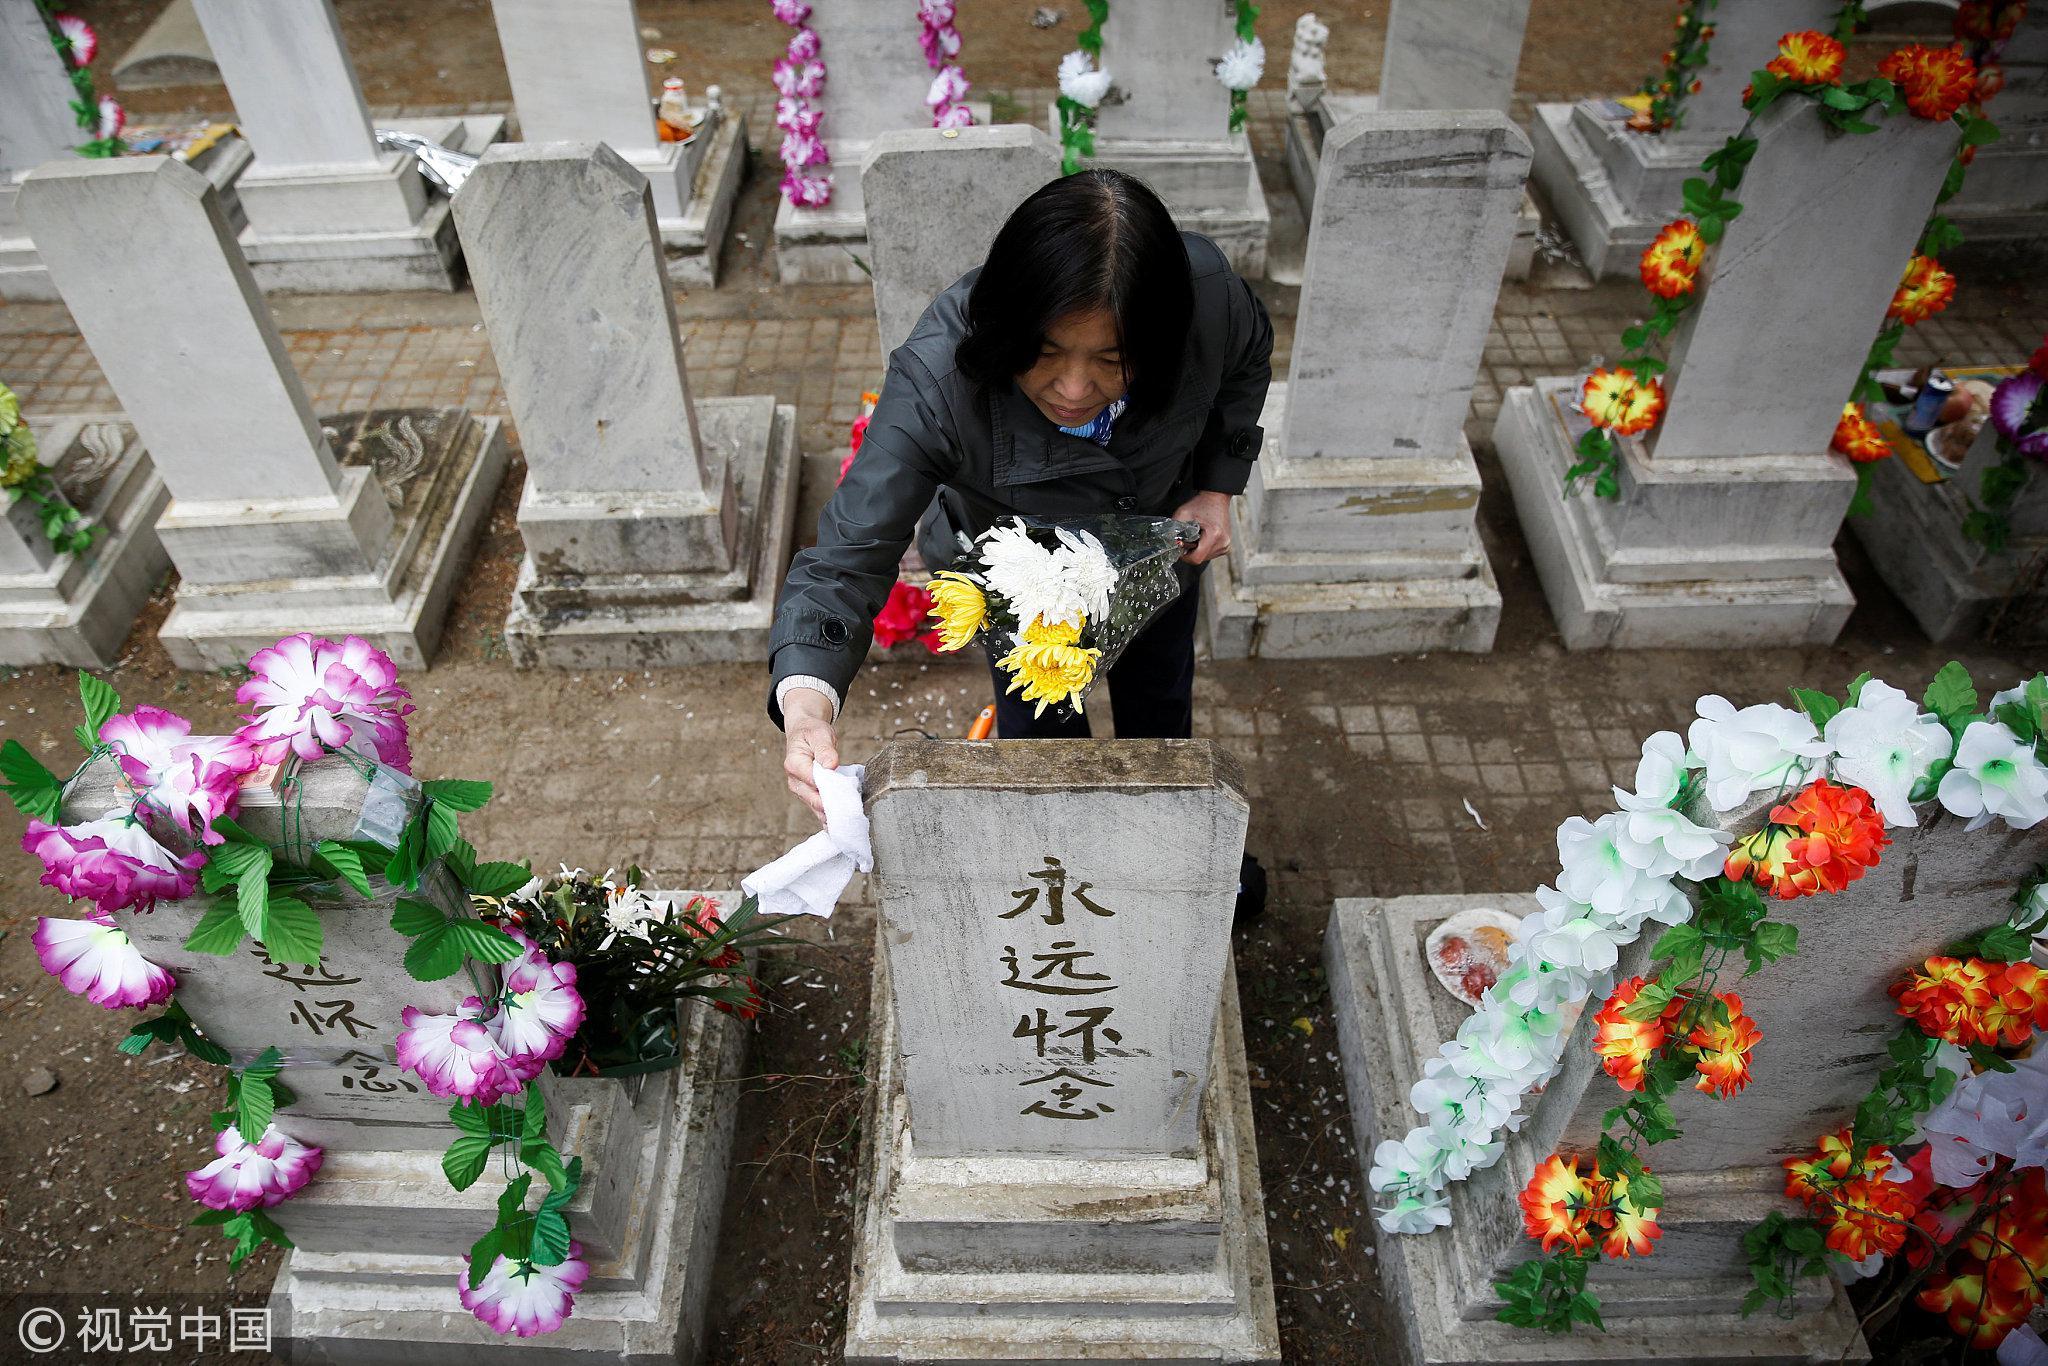 2018年4月4日,北京,清明节临近,民众前往八宝山公墓祭奠逝者。图/视觉中国